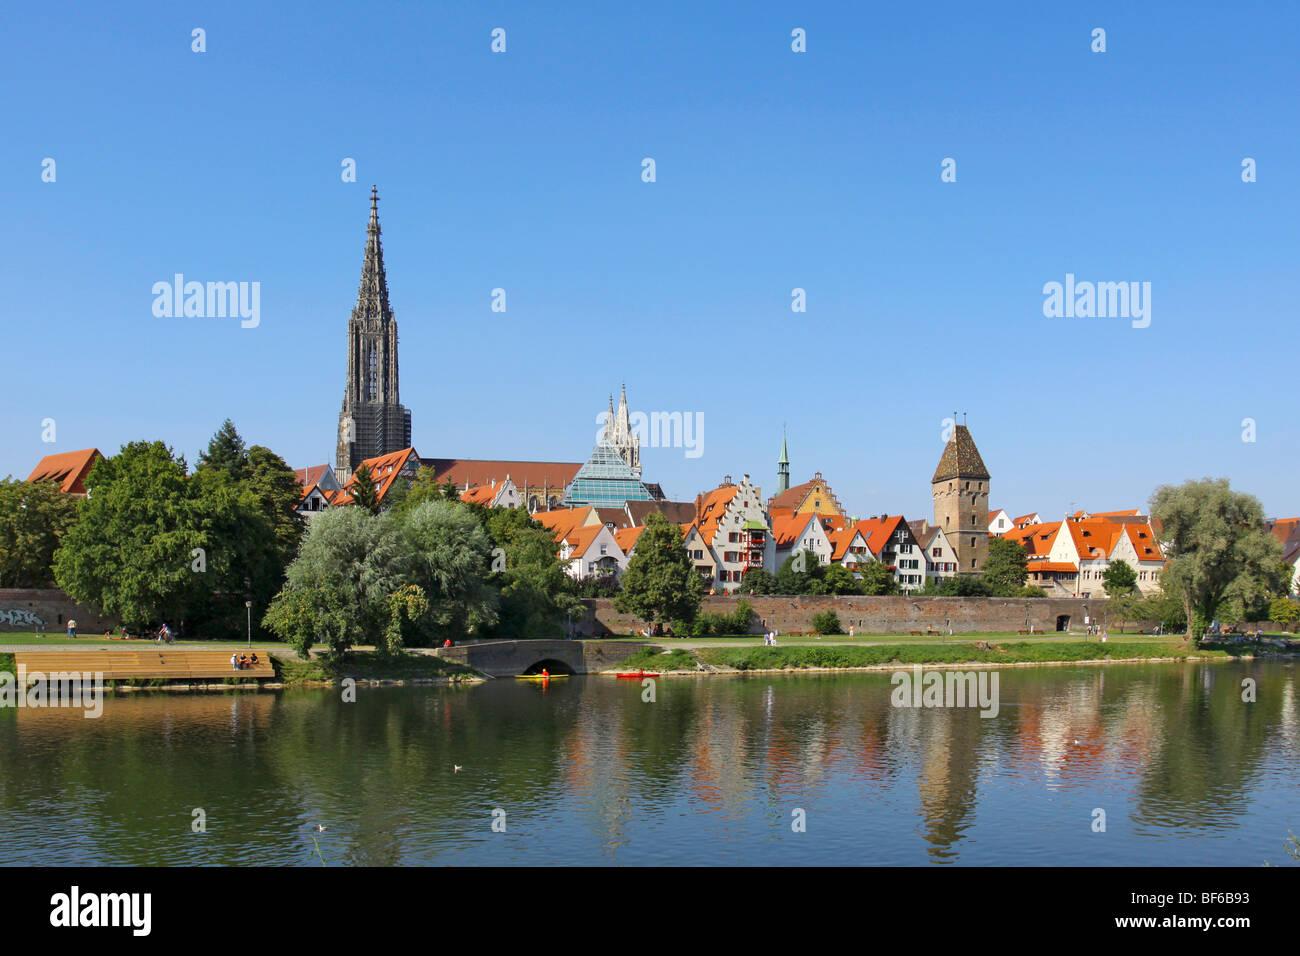 Deutschland, Stadtansicht von Ulm an der Donau, Germany Cityscape of Ulm at the Danube Stock Photo